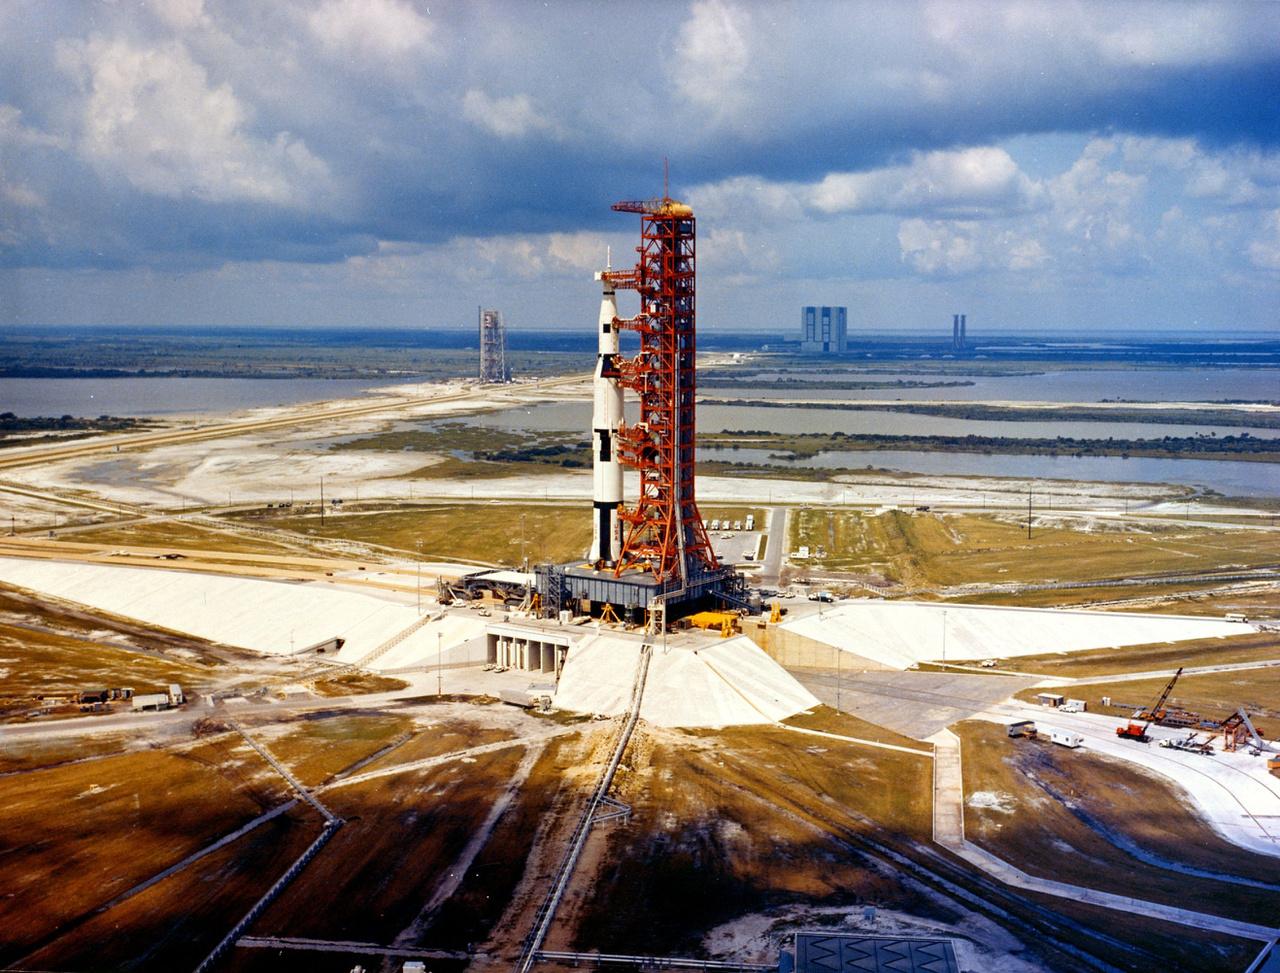 1966: SA-500F, egy röpképtelen Saturn V modell a LC-39A startálláson. A mockup rakétával a komplexum működőképességét vizsgálták, hogy minden rendben van-e a például a szervizplatformmal, a lánctalpas transzporterrel, az üzemanyagtöltő rendszerrel.